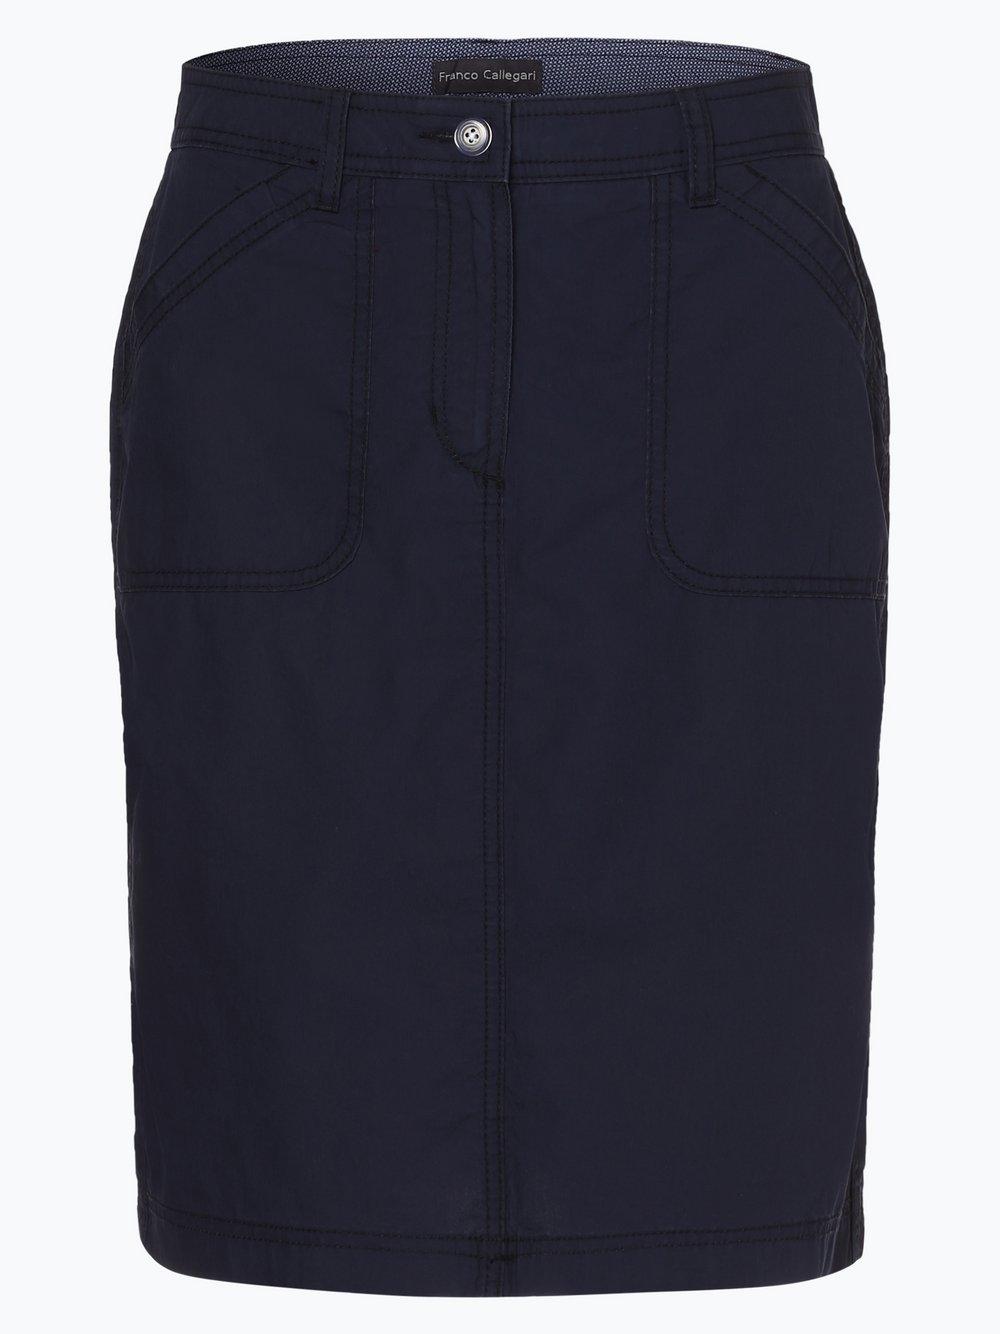 Franco Callegari - Spódnica damska, niebieski